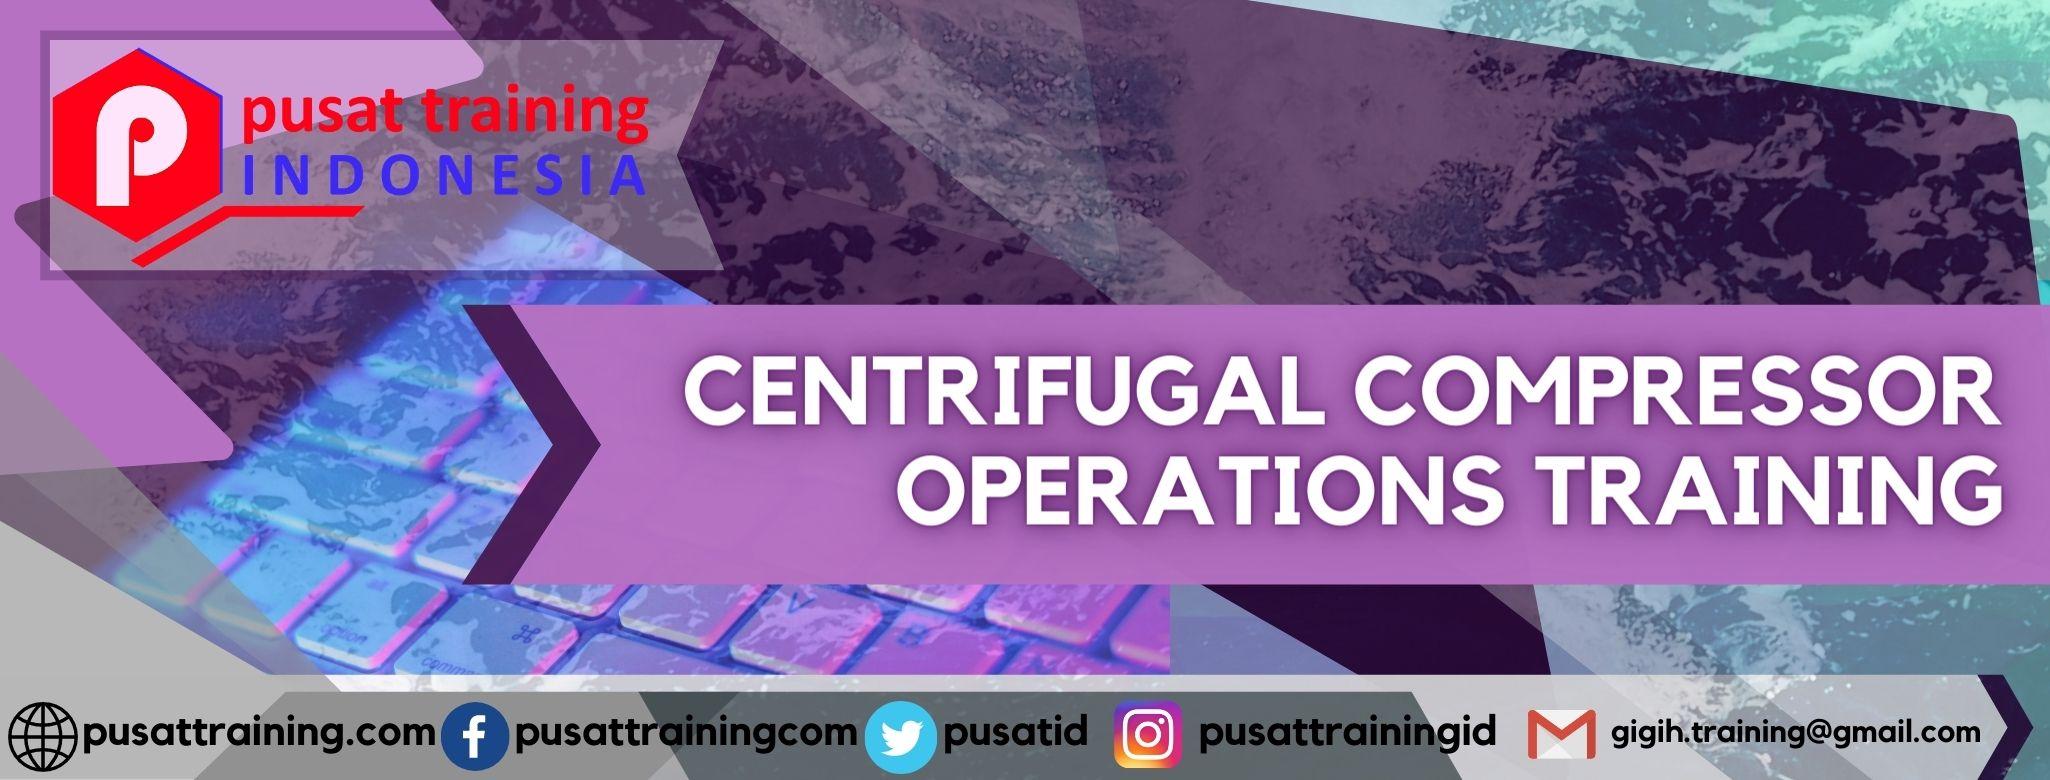 CENTRIFUGAL COMPRESSOR OPERATIONS TRAINING